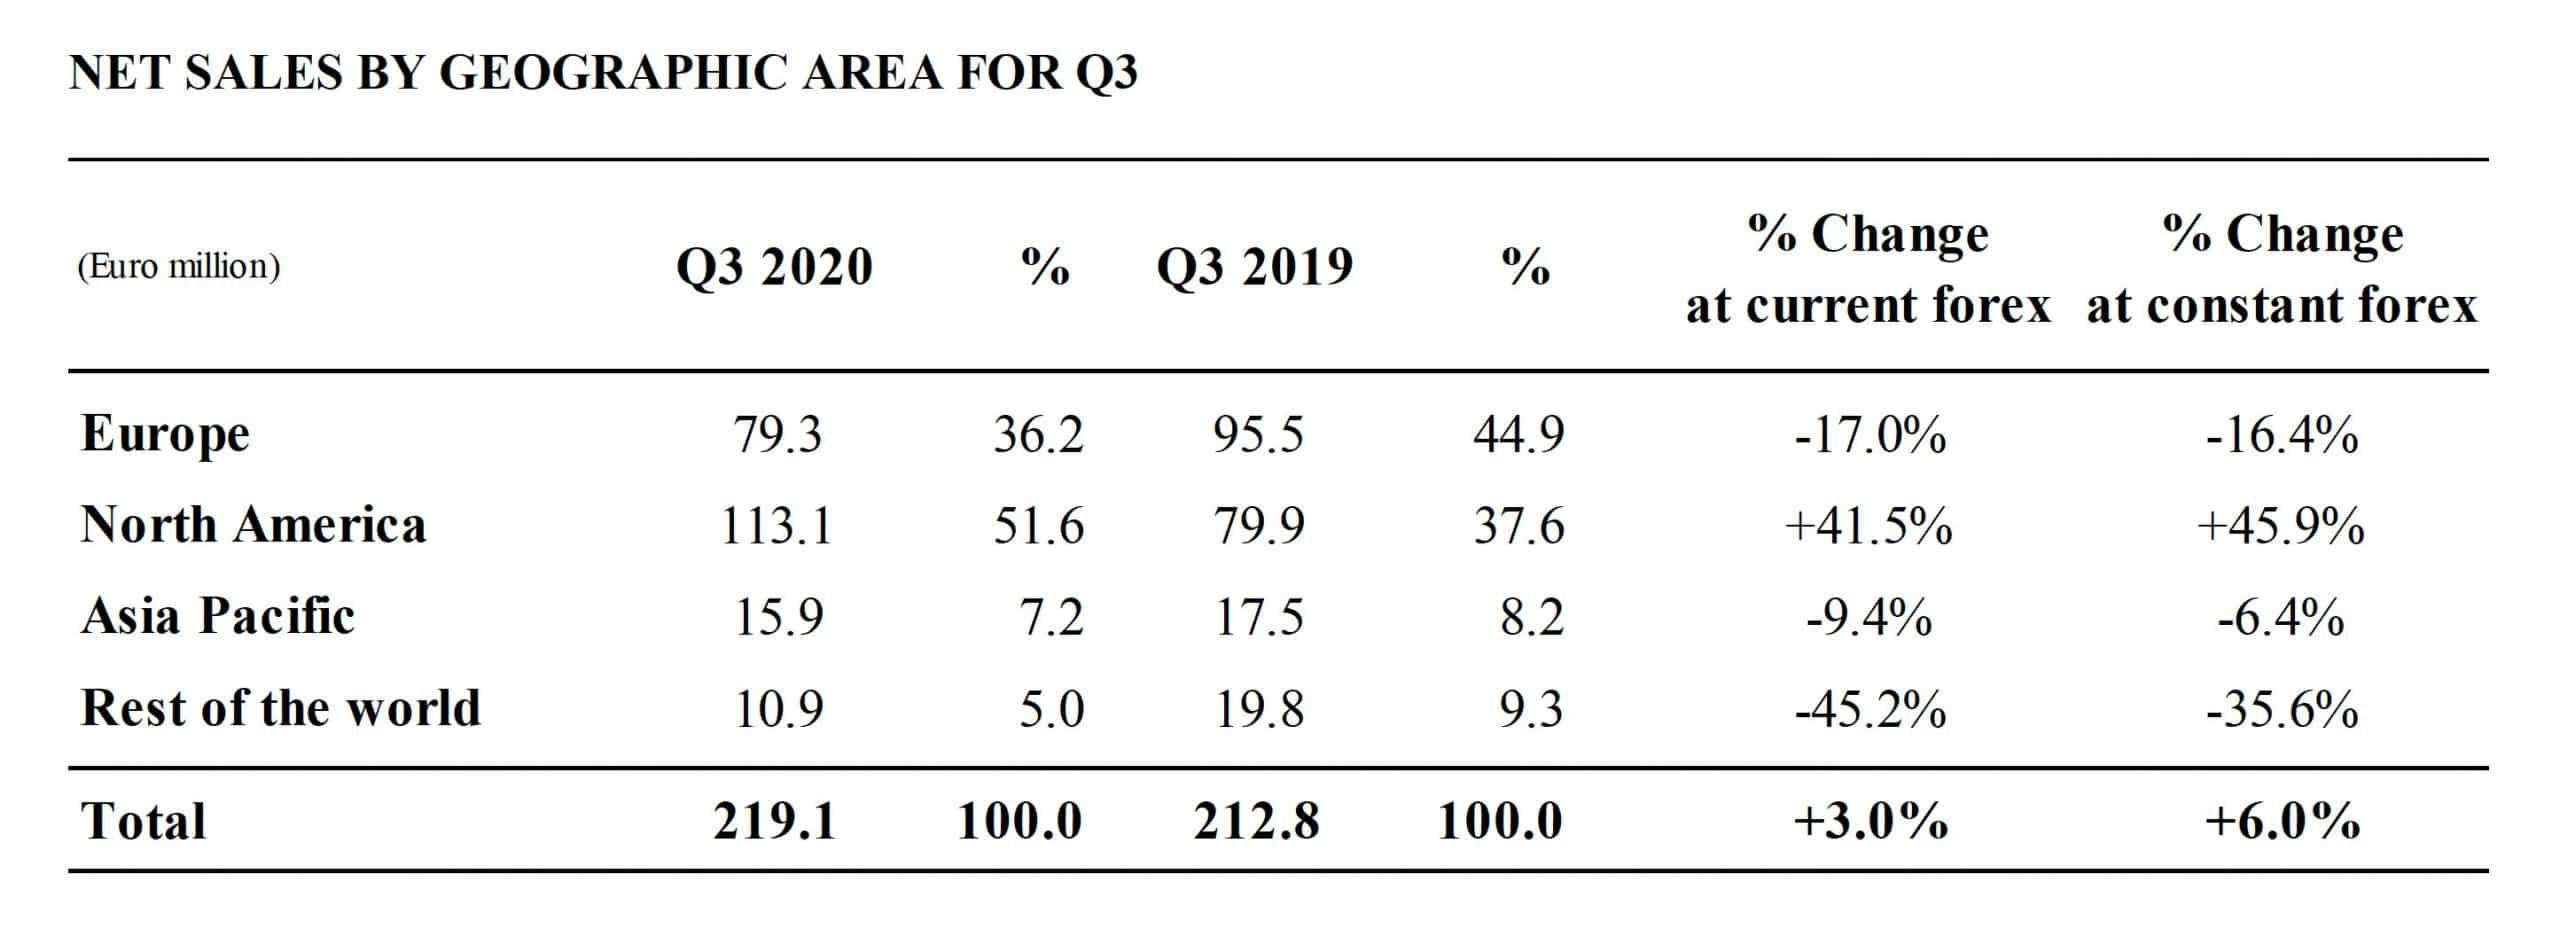 Safilo 2020 net sales